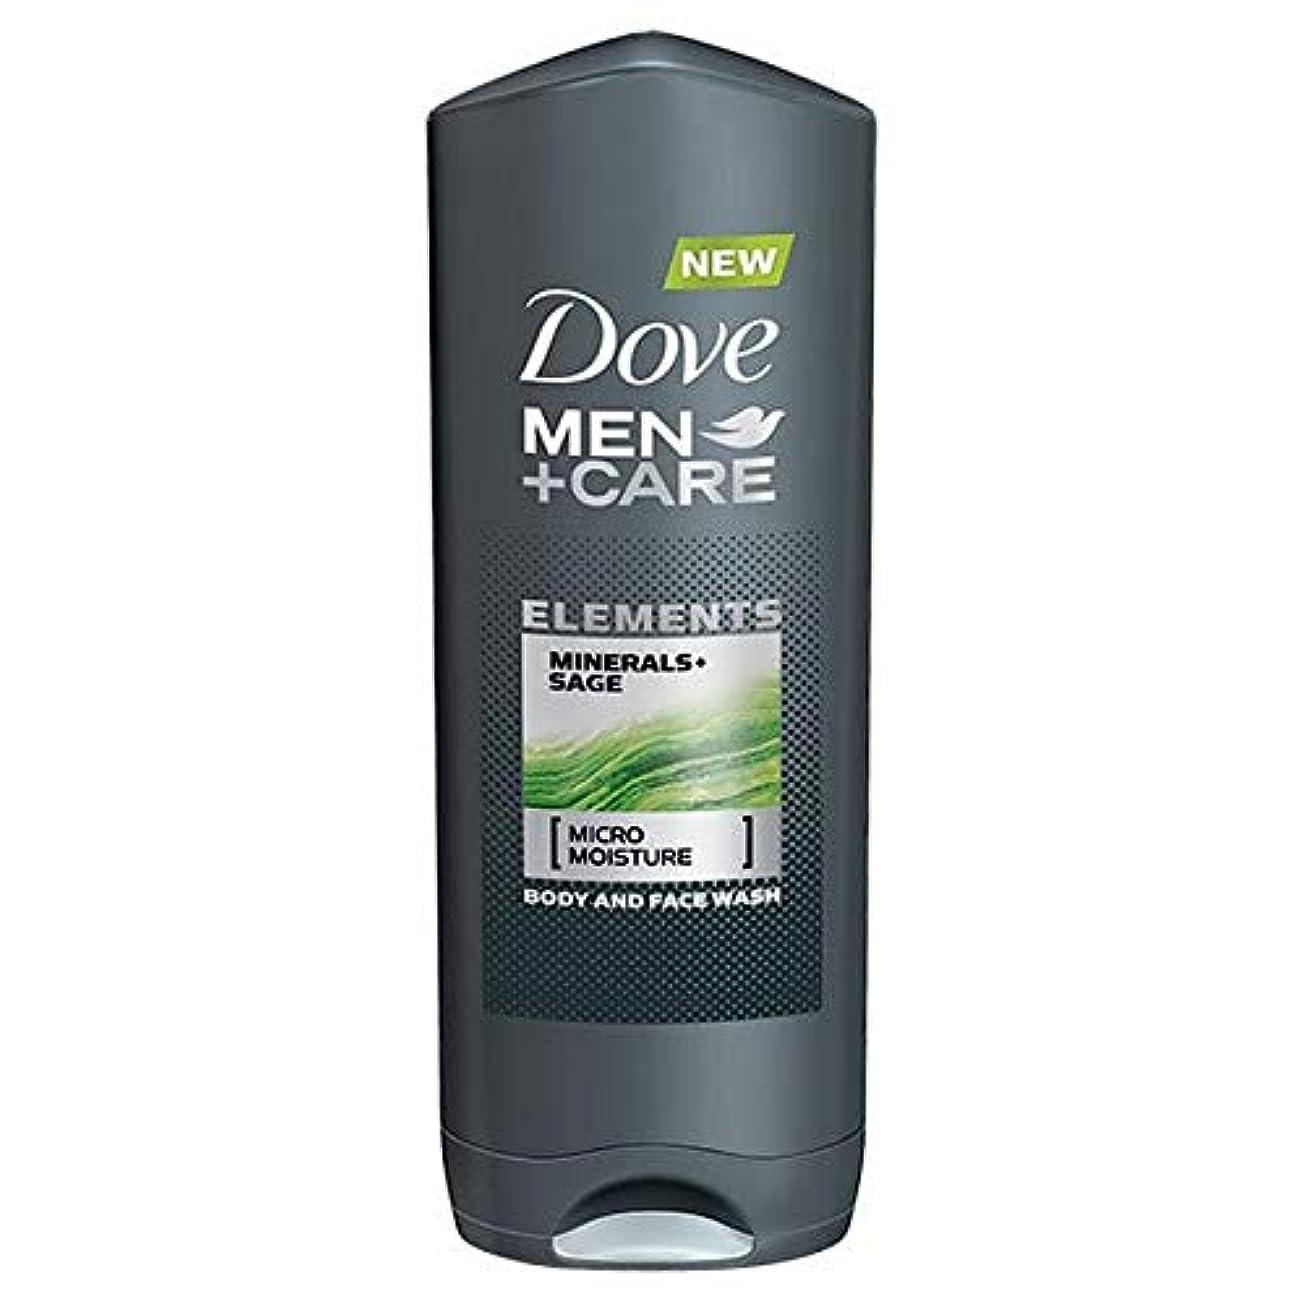 誠実さ眉することになっている[Dove ] 鳩の男性+ケアシャワーミネラルやセージ400ミリリットル - Dove Men + Care Shower Minerals and Sage 400ml [並行輸入品]